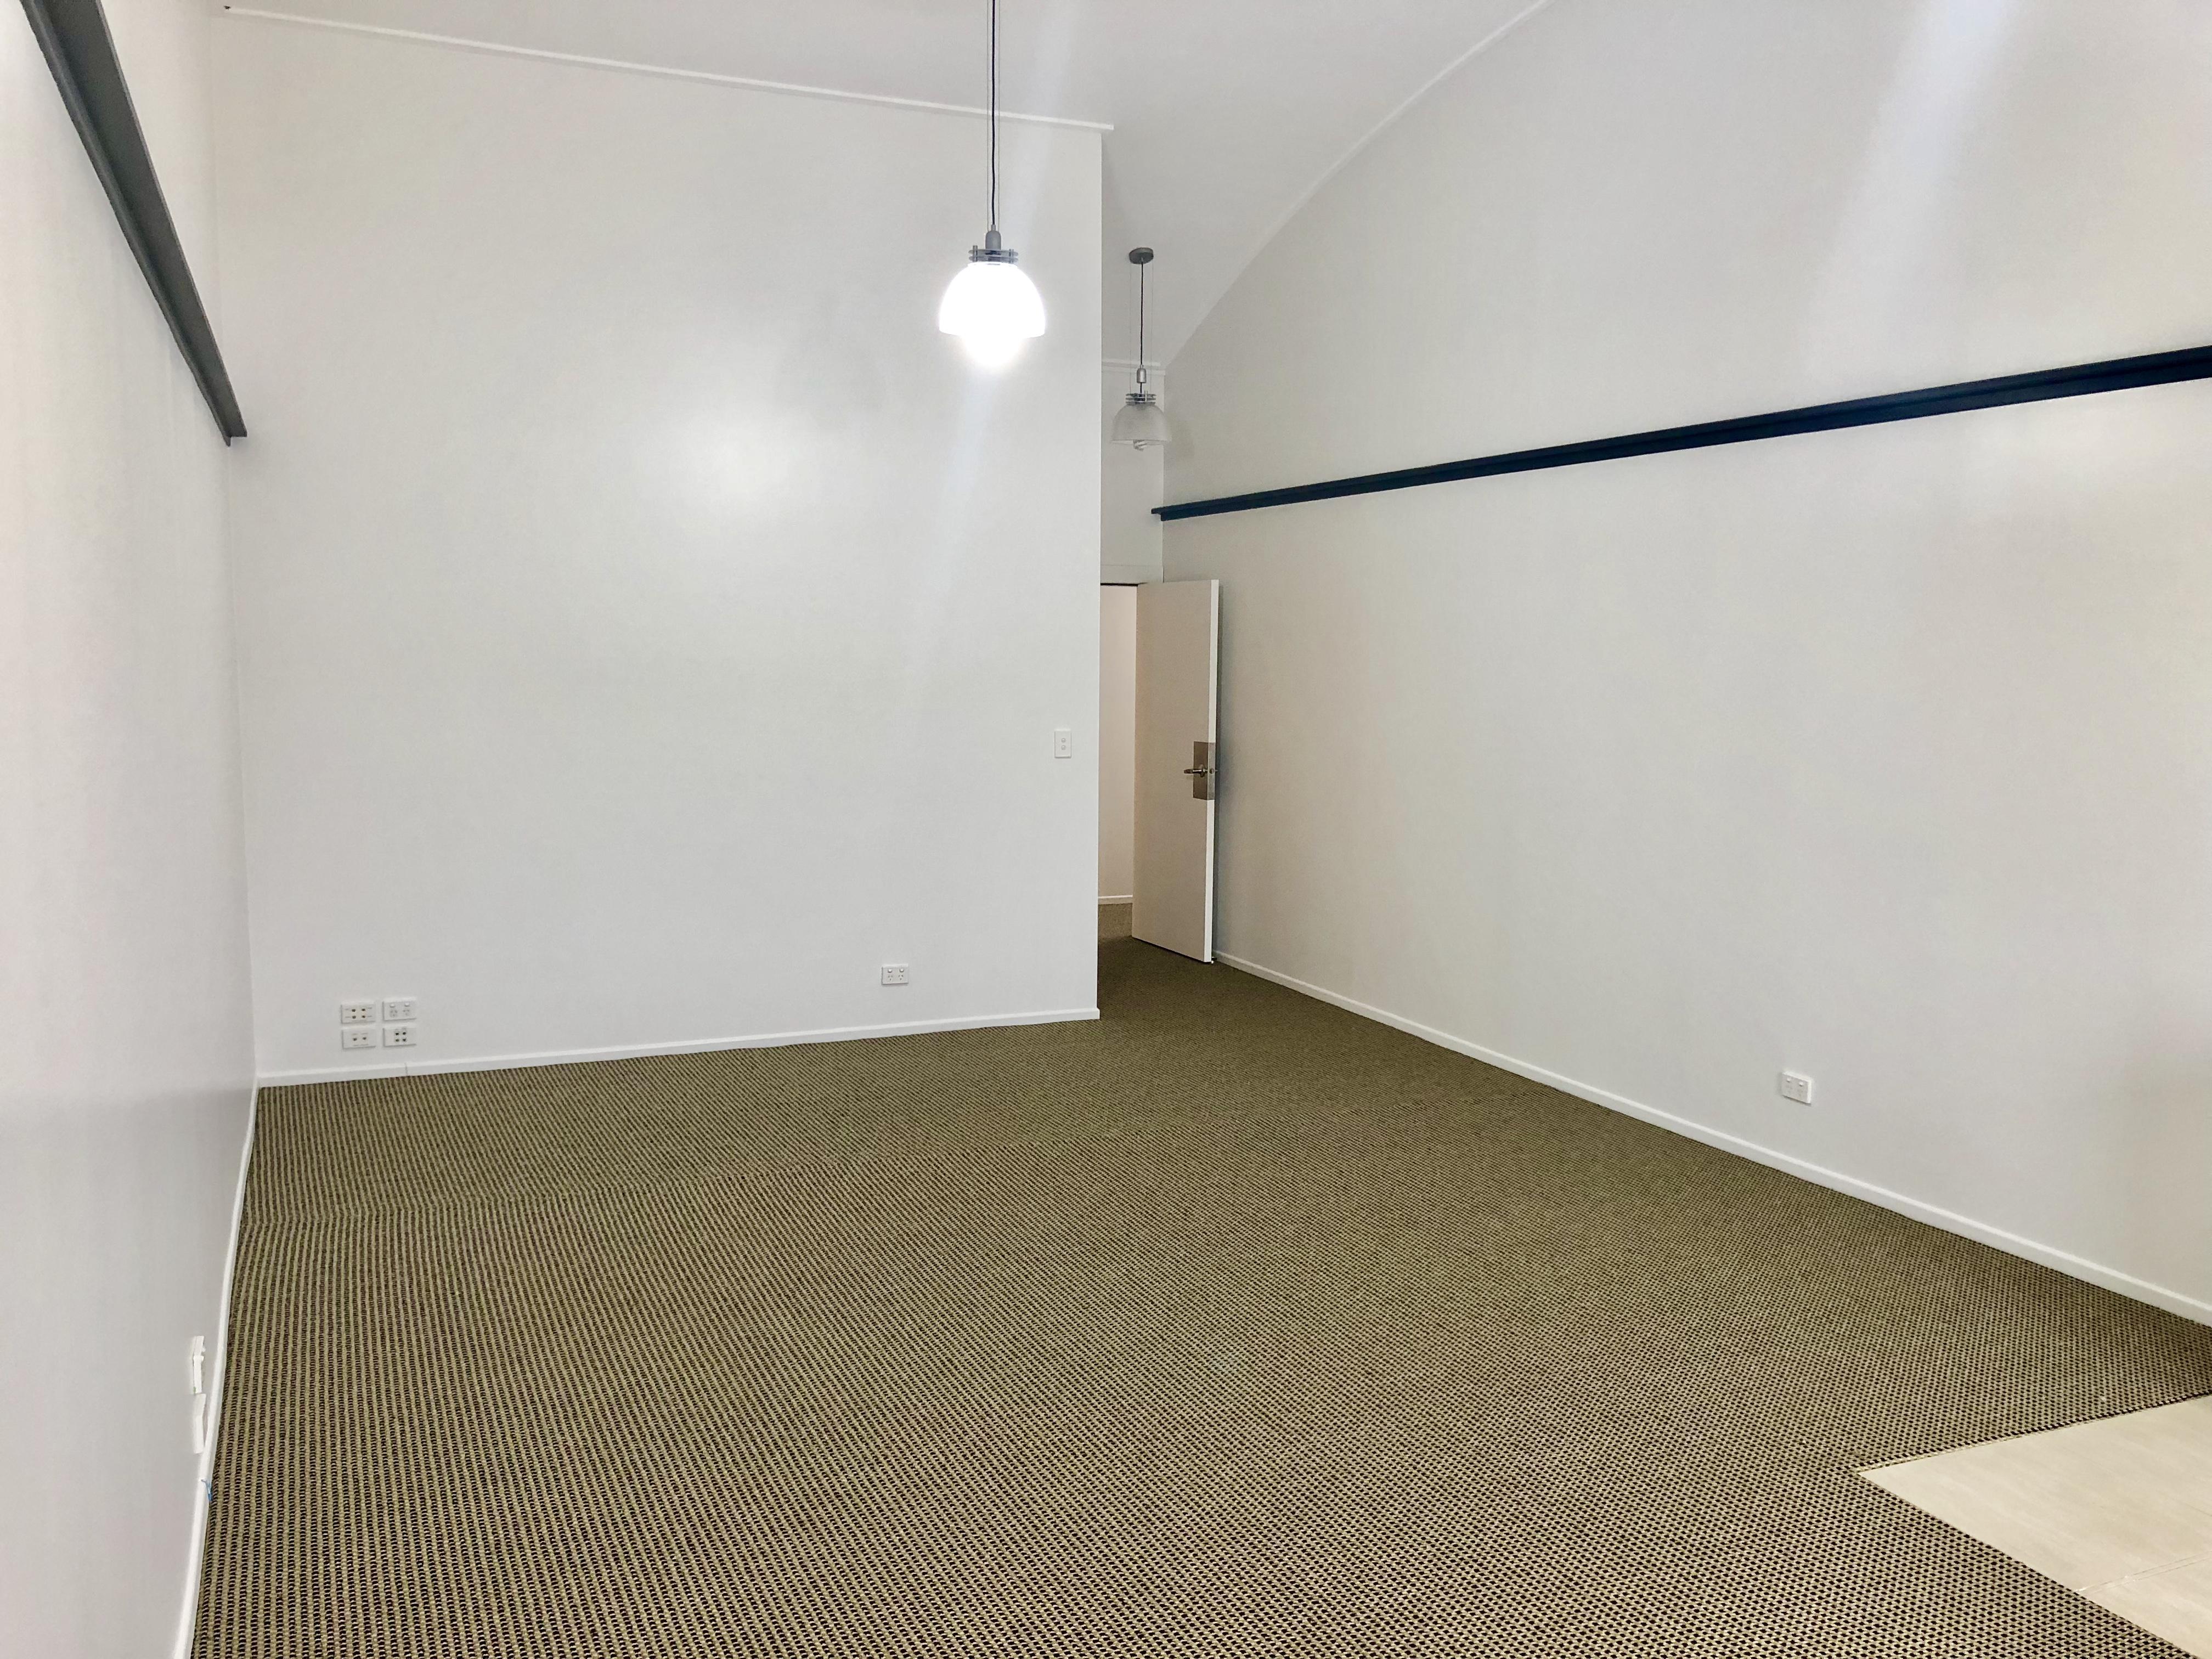 https://0201.nccdn.net/4_2/000/000/017/e75/32-greenpark-road-office-for-lease--6-.jpg